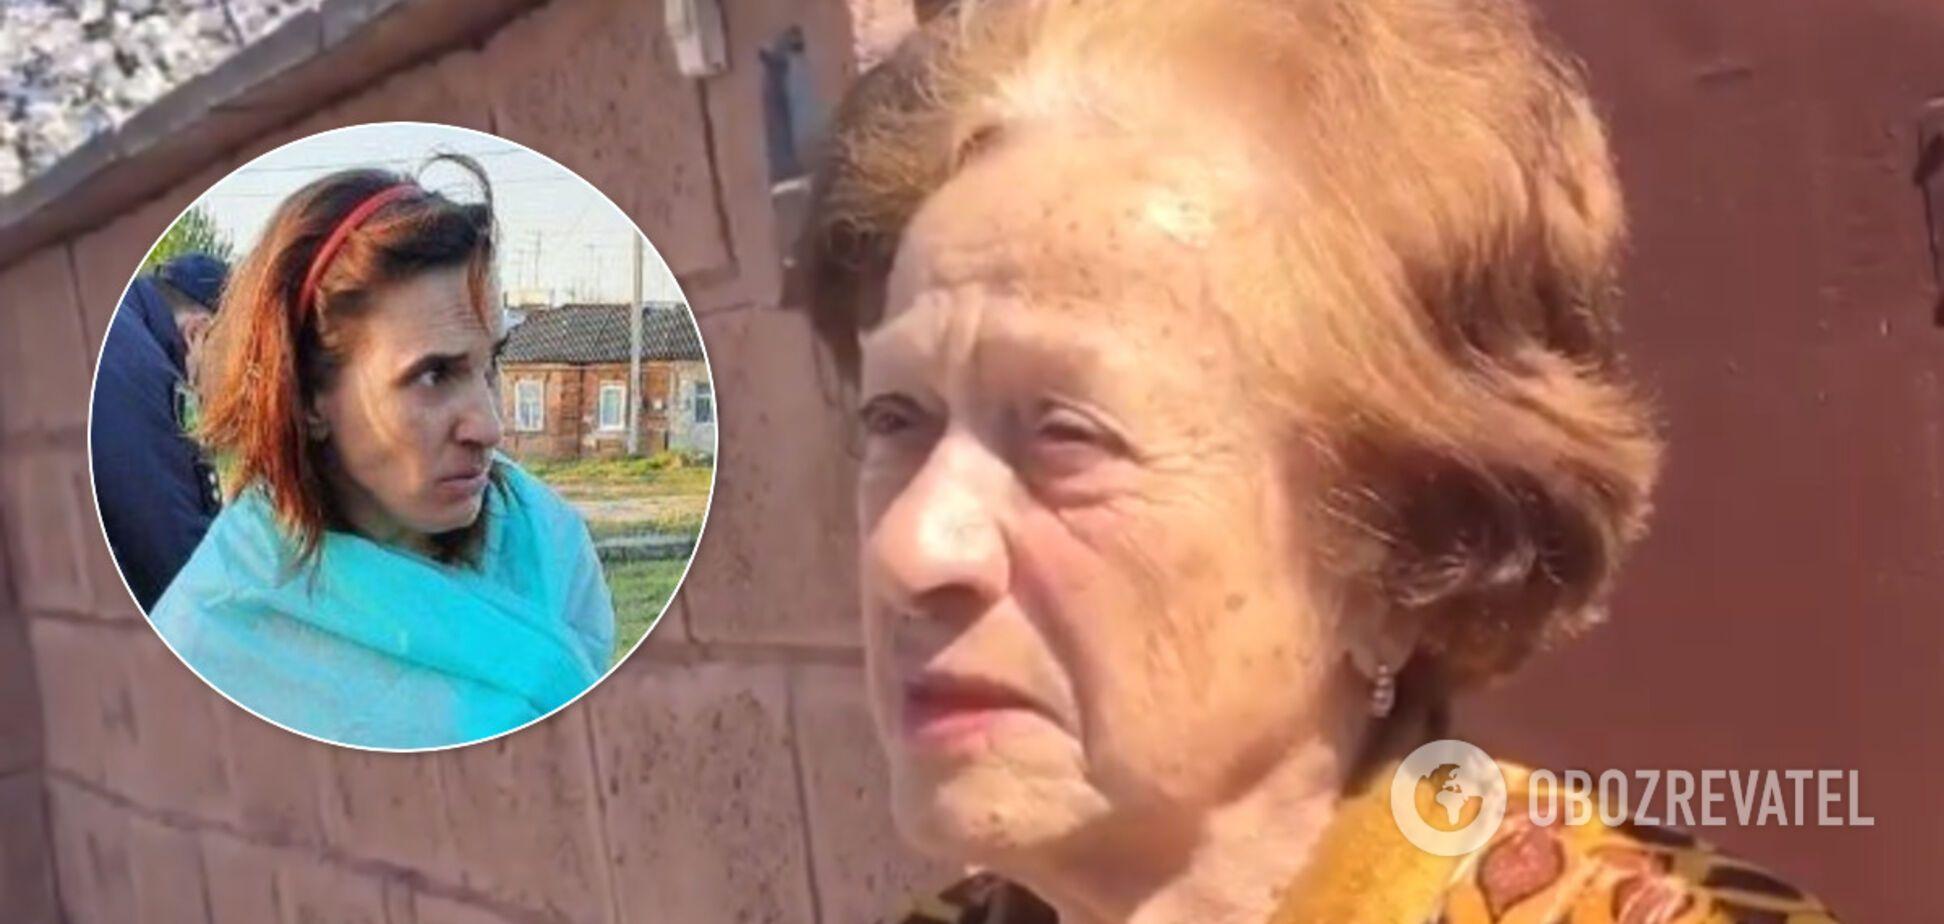 'Всю ночь лаяли собаки': соседка рассказала о женщине, отрезавшей голову дочке в Харькове